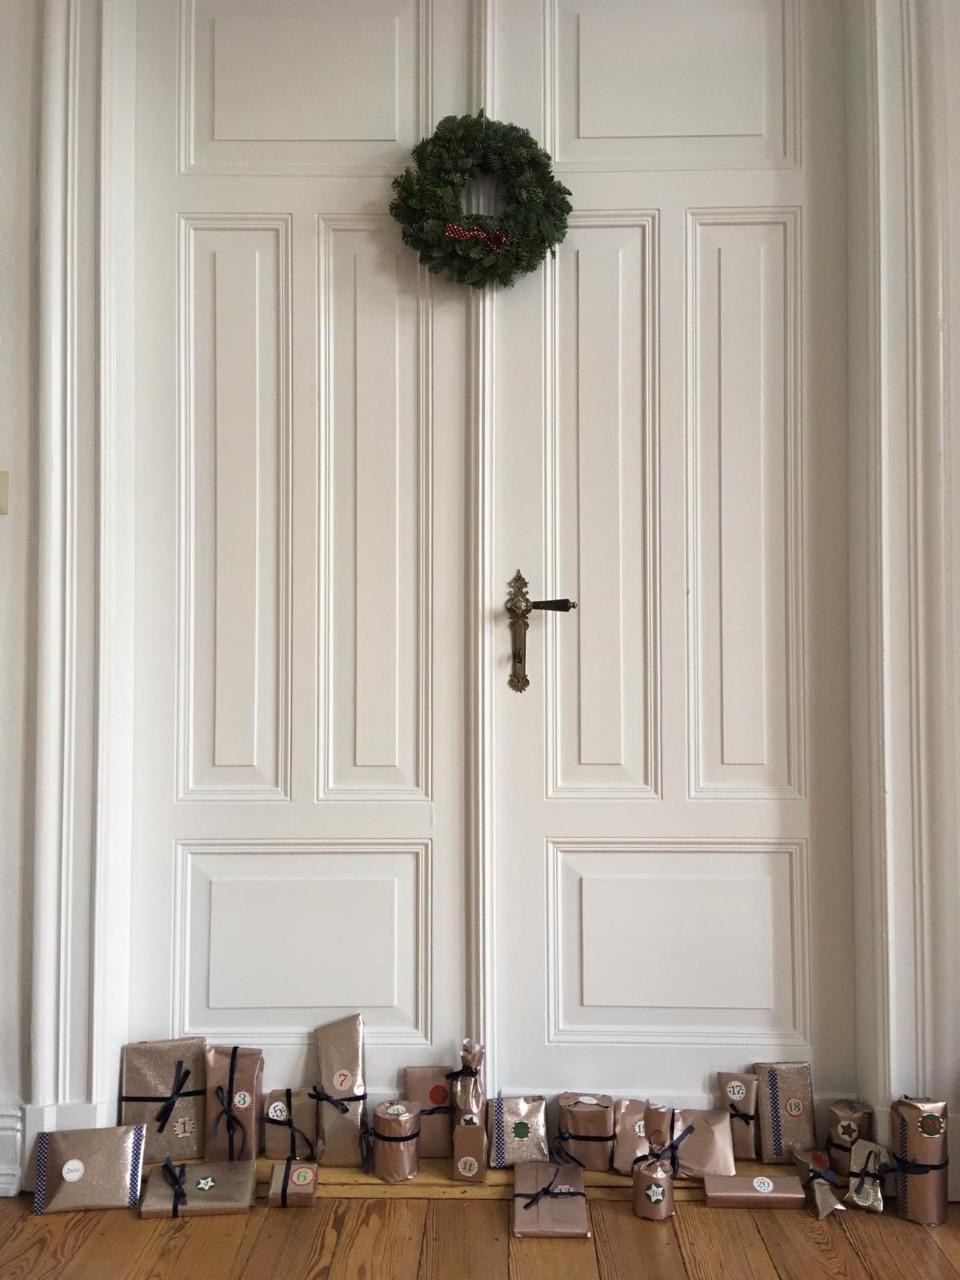 Selbst gemachte und befüllte Adventkalender sind ein ganz besonderes Geschenk in der Vorweihnachtszeit. -Fotocredits: Anaïs Hars